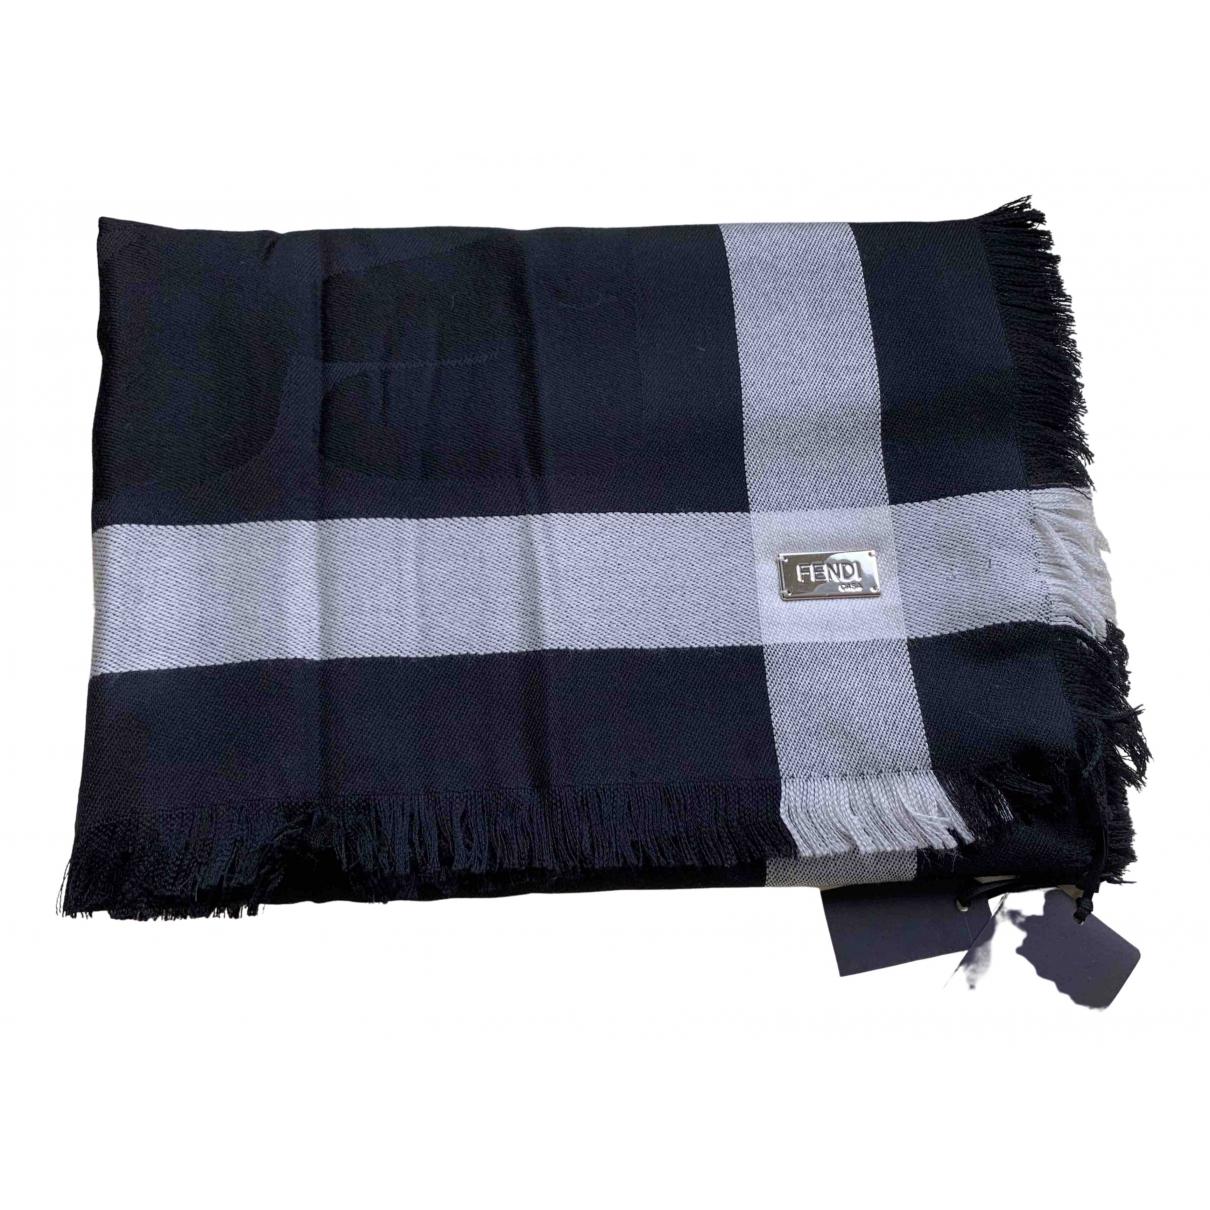 Fendi - Linge de maison   pour lifestyle en laine - noir